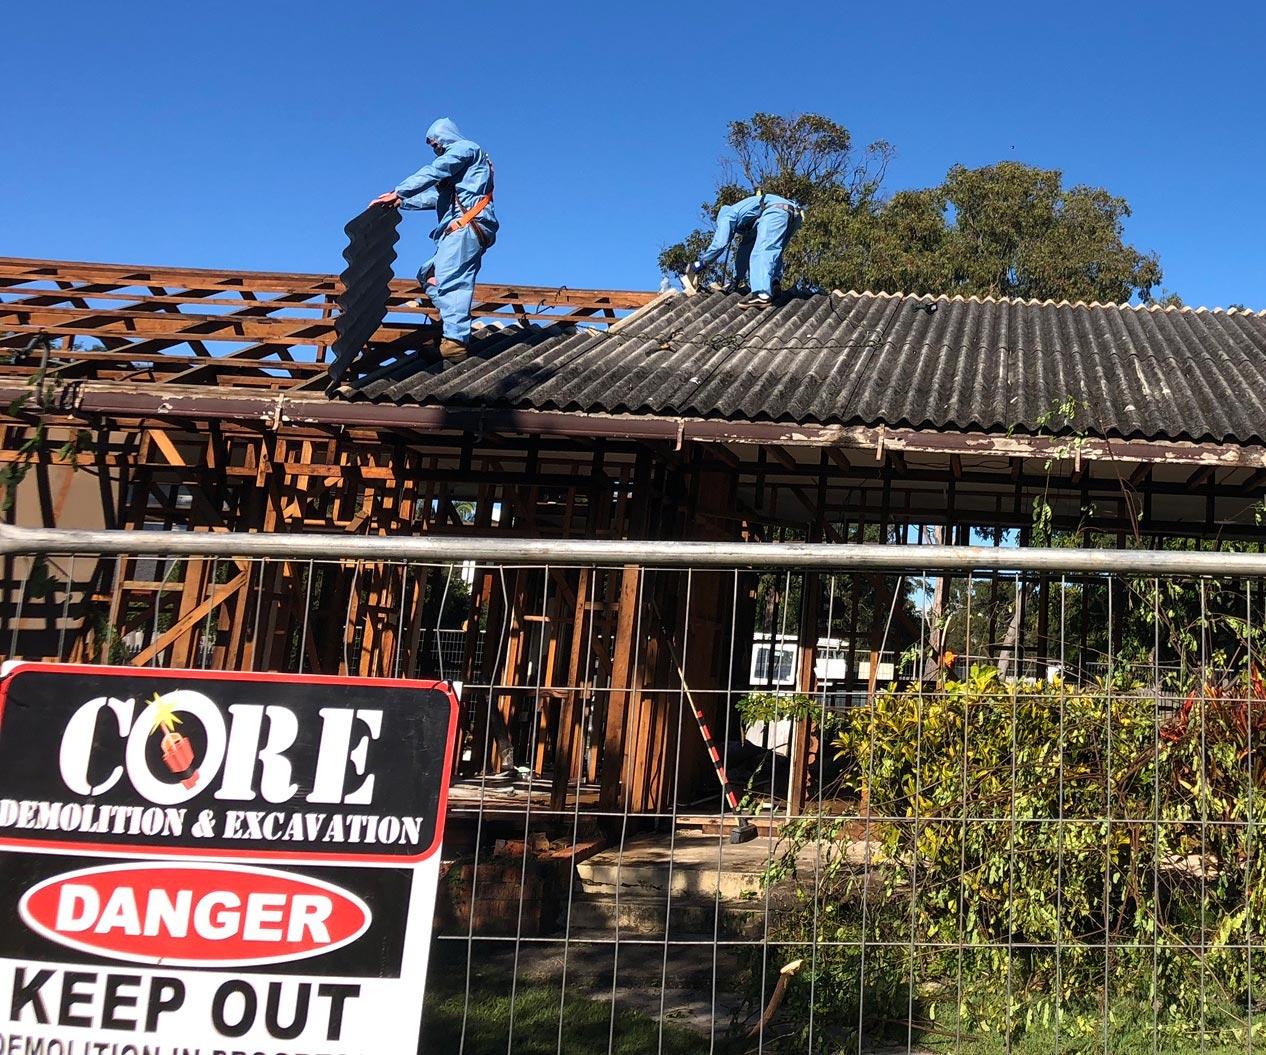 asbestos removal core demolition